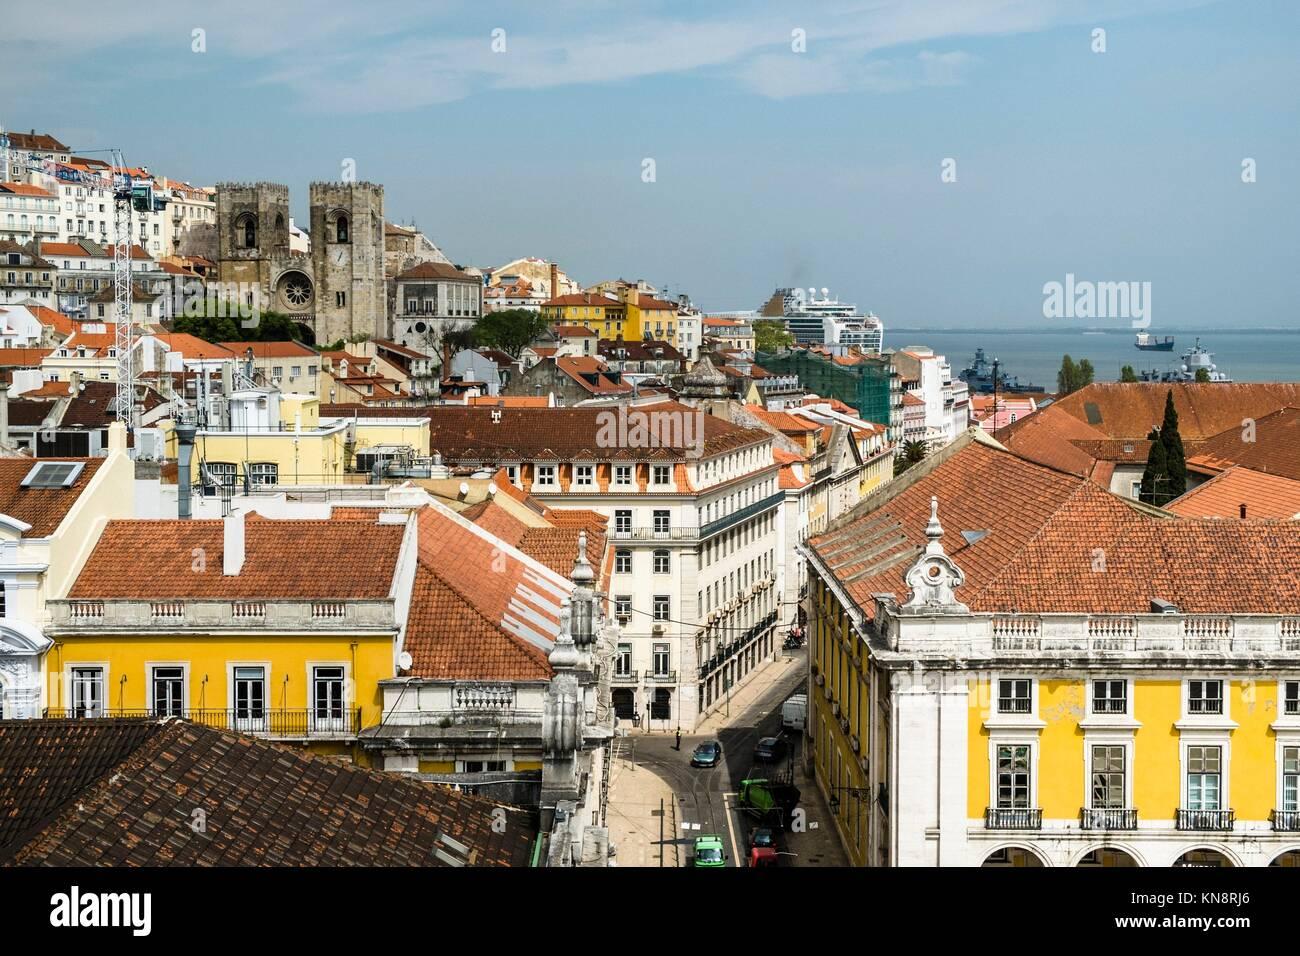 Vue panoramique du centre-ville de Lisbonne, Portugal. Photo Stock